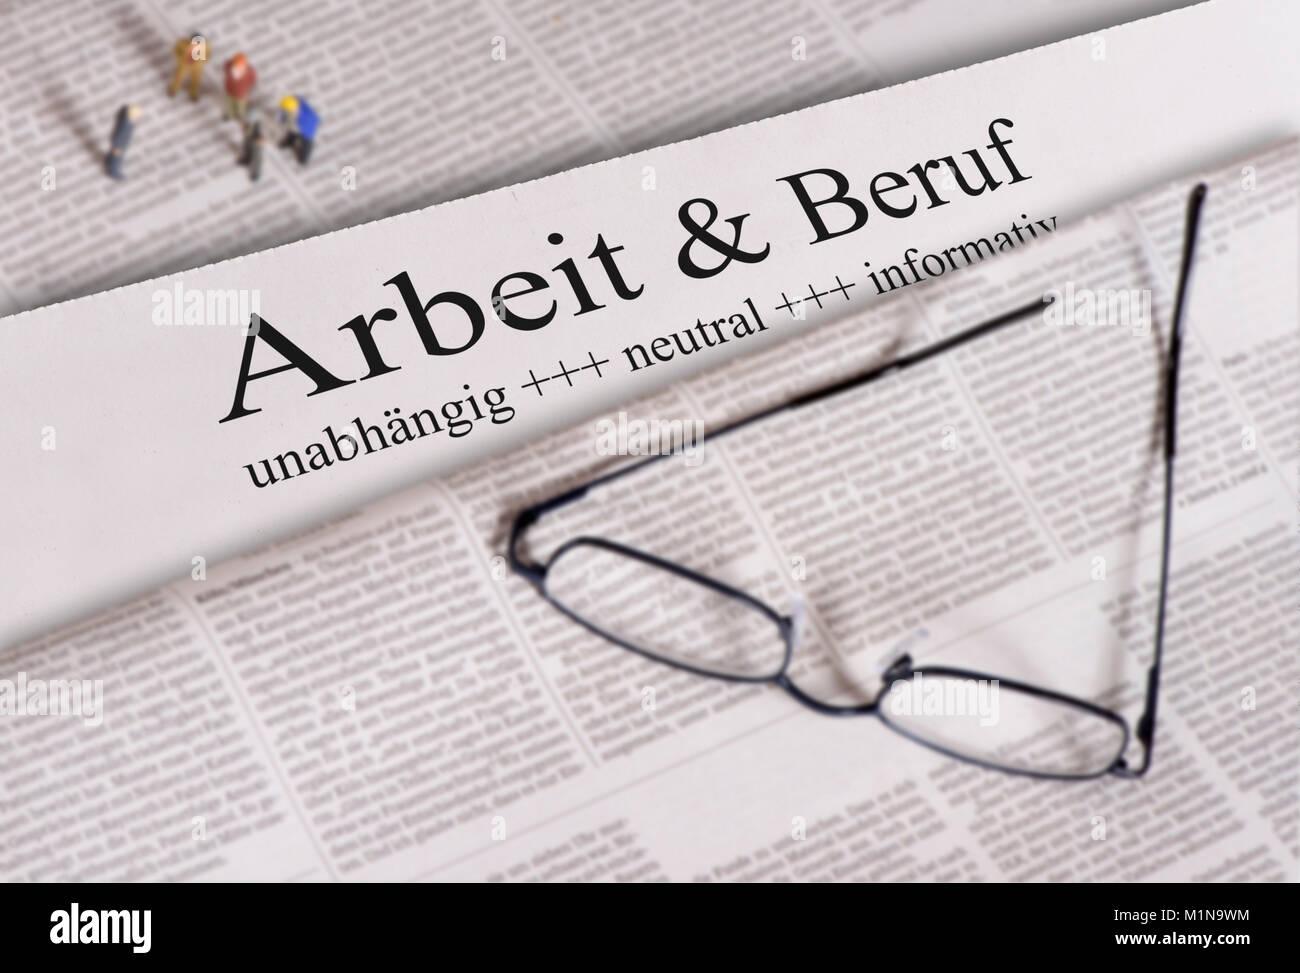 Tageszeitung mit Überschrift Arbeit & Beruf - Stock Image